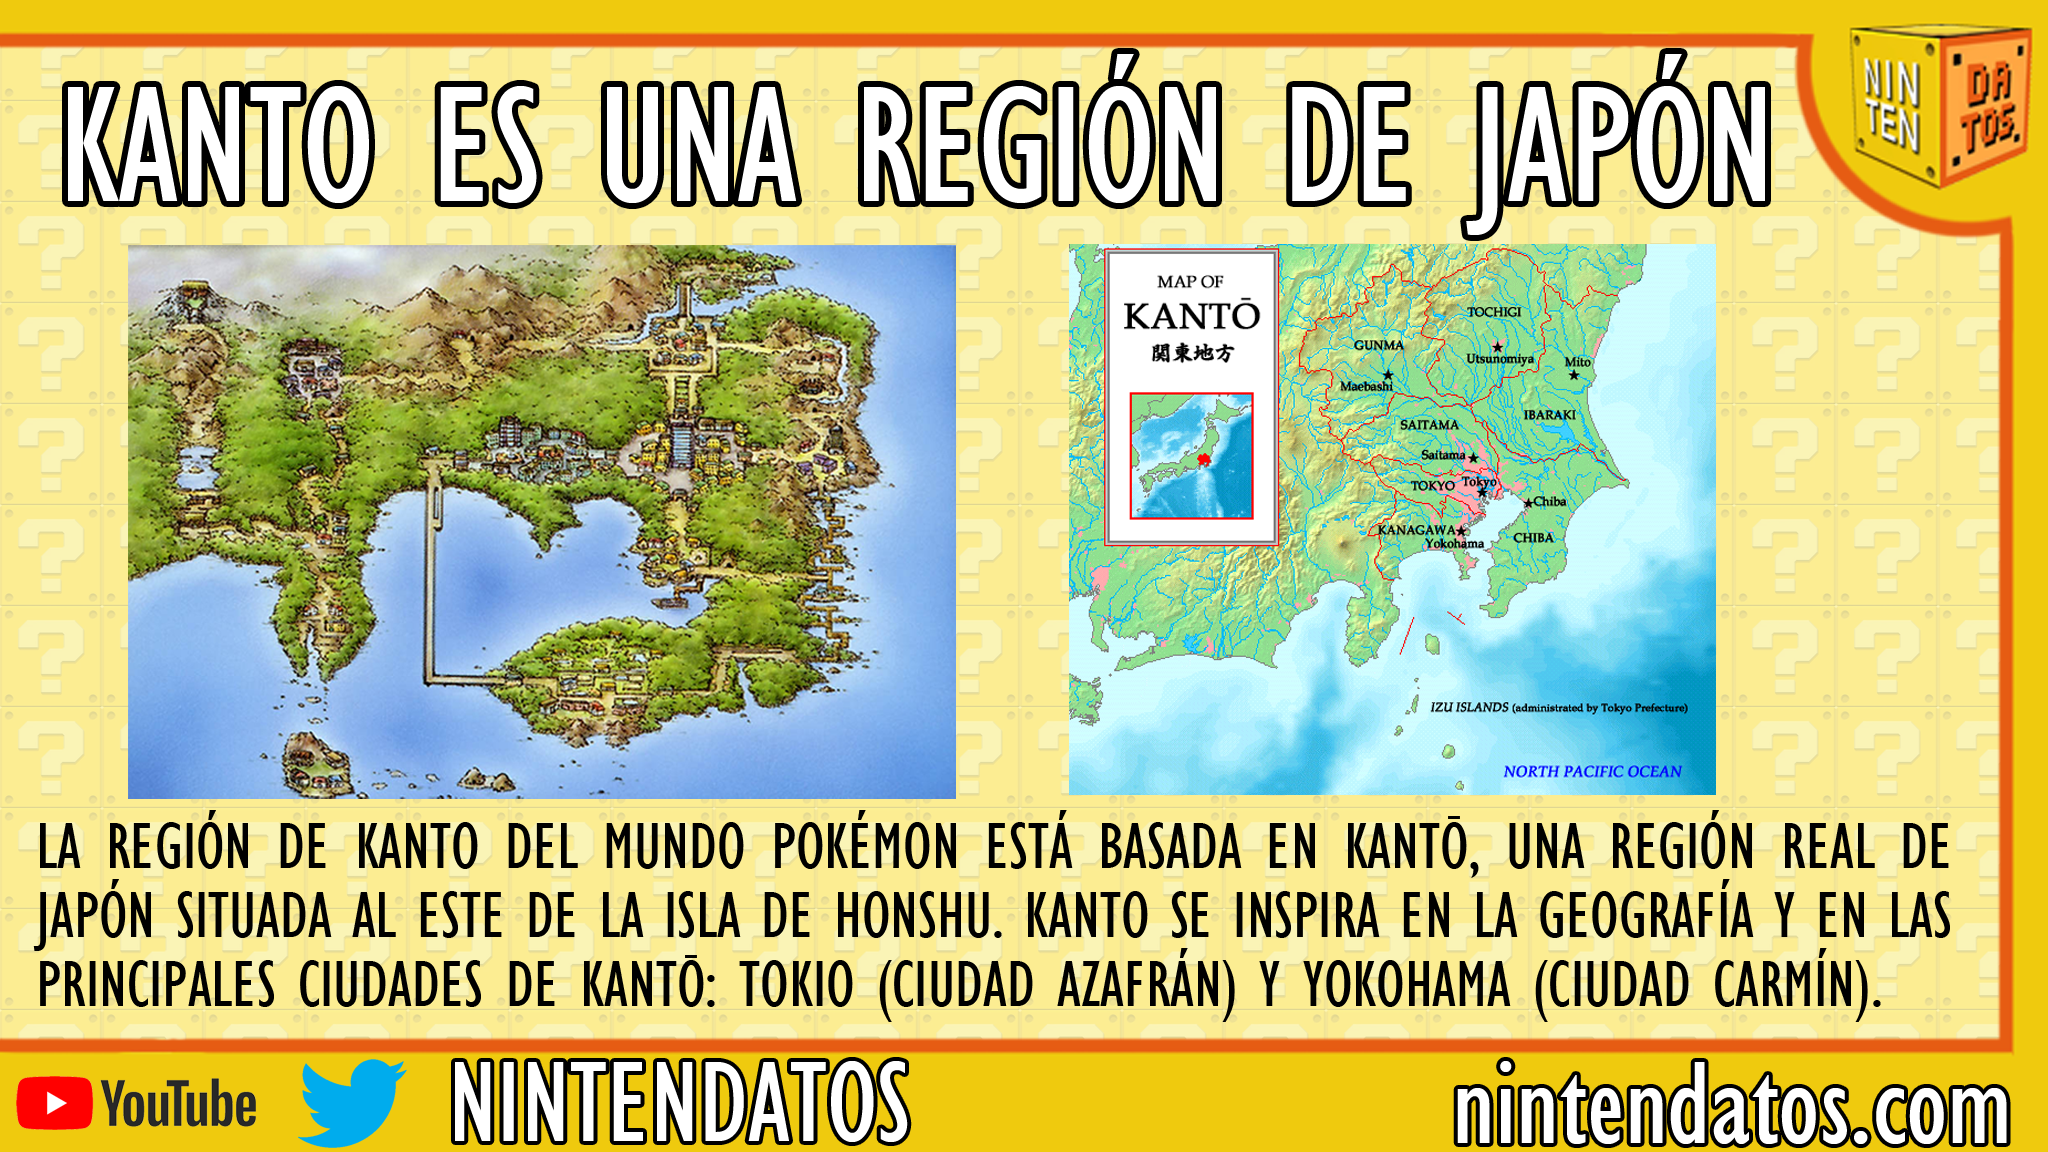 Kanto es una región de Japón